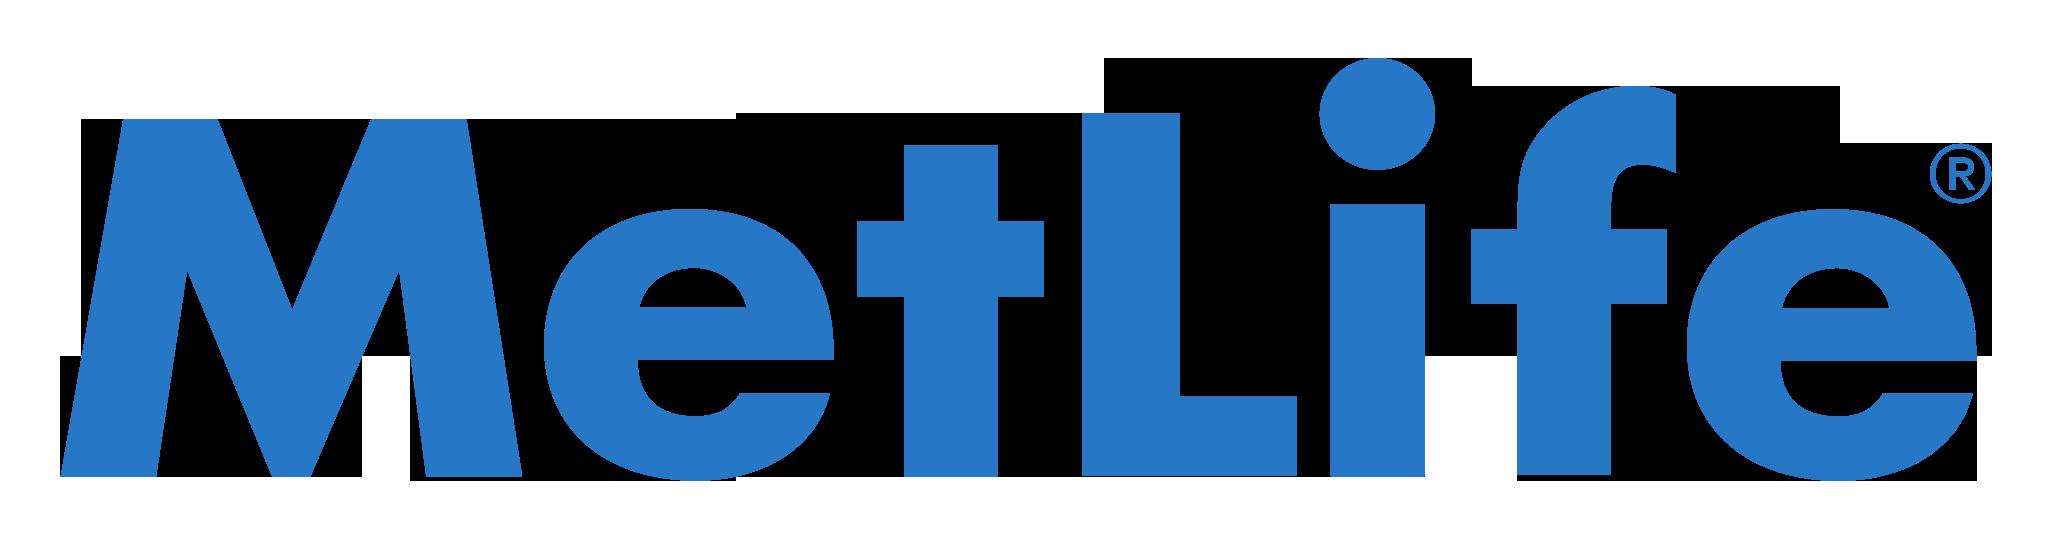 MetLife Logo PNG Image.